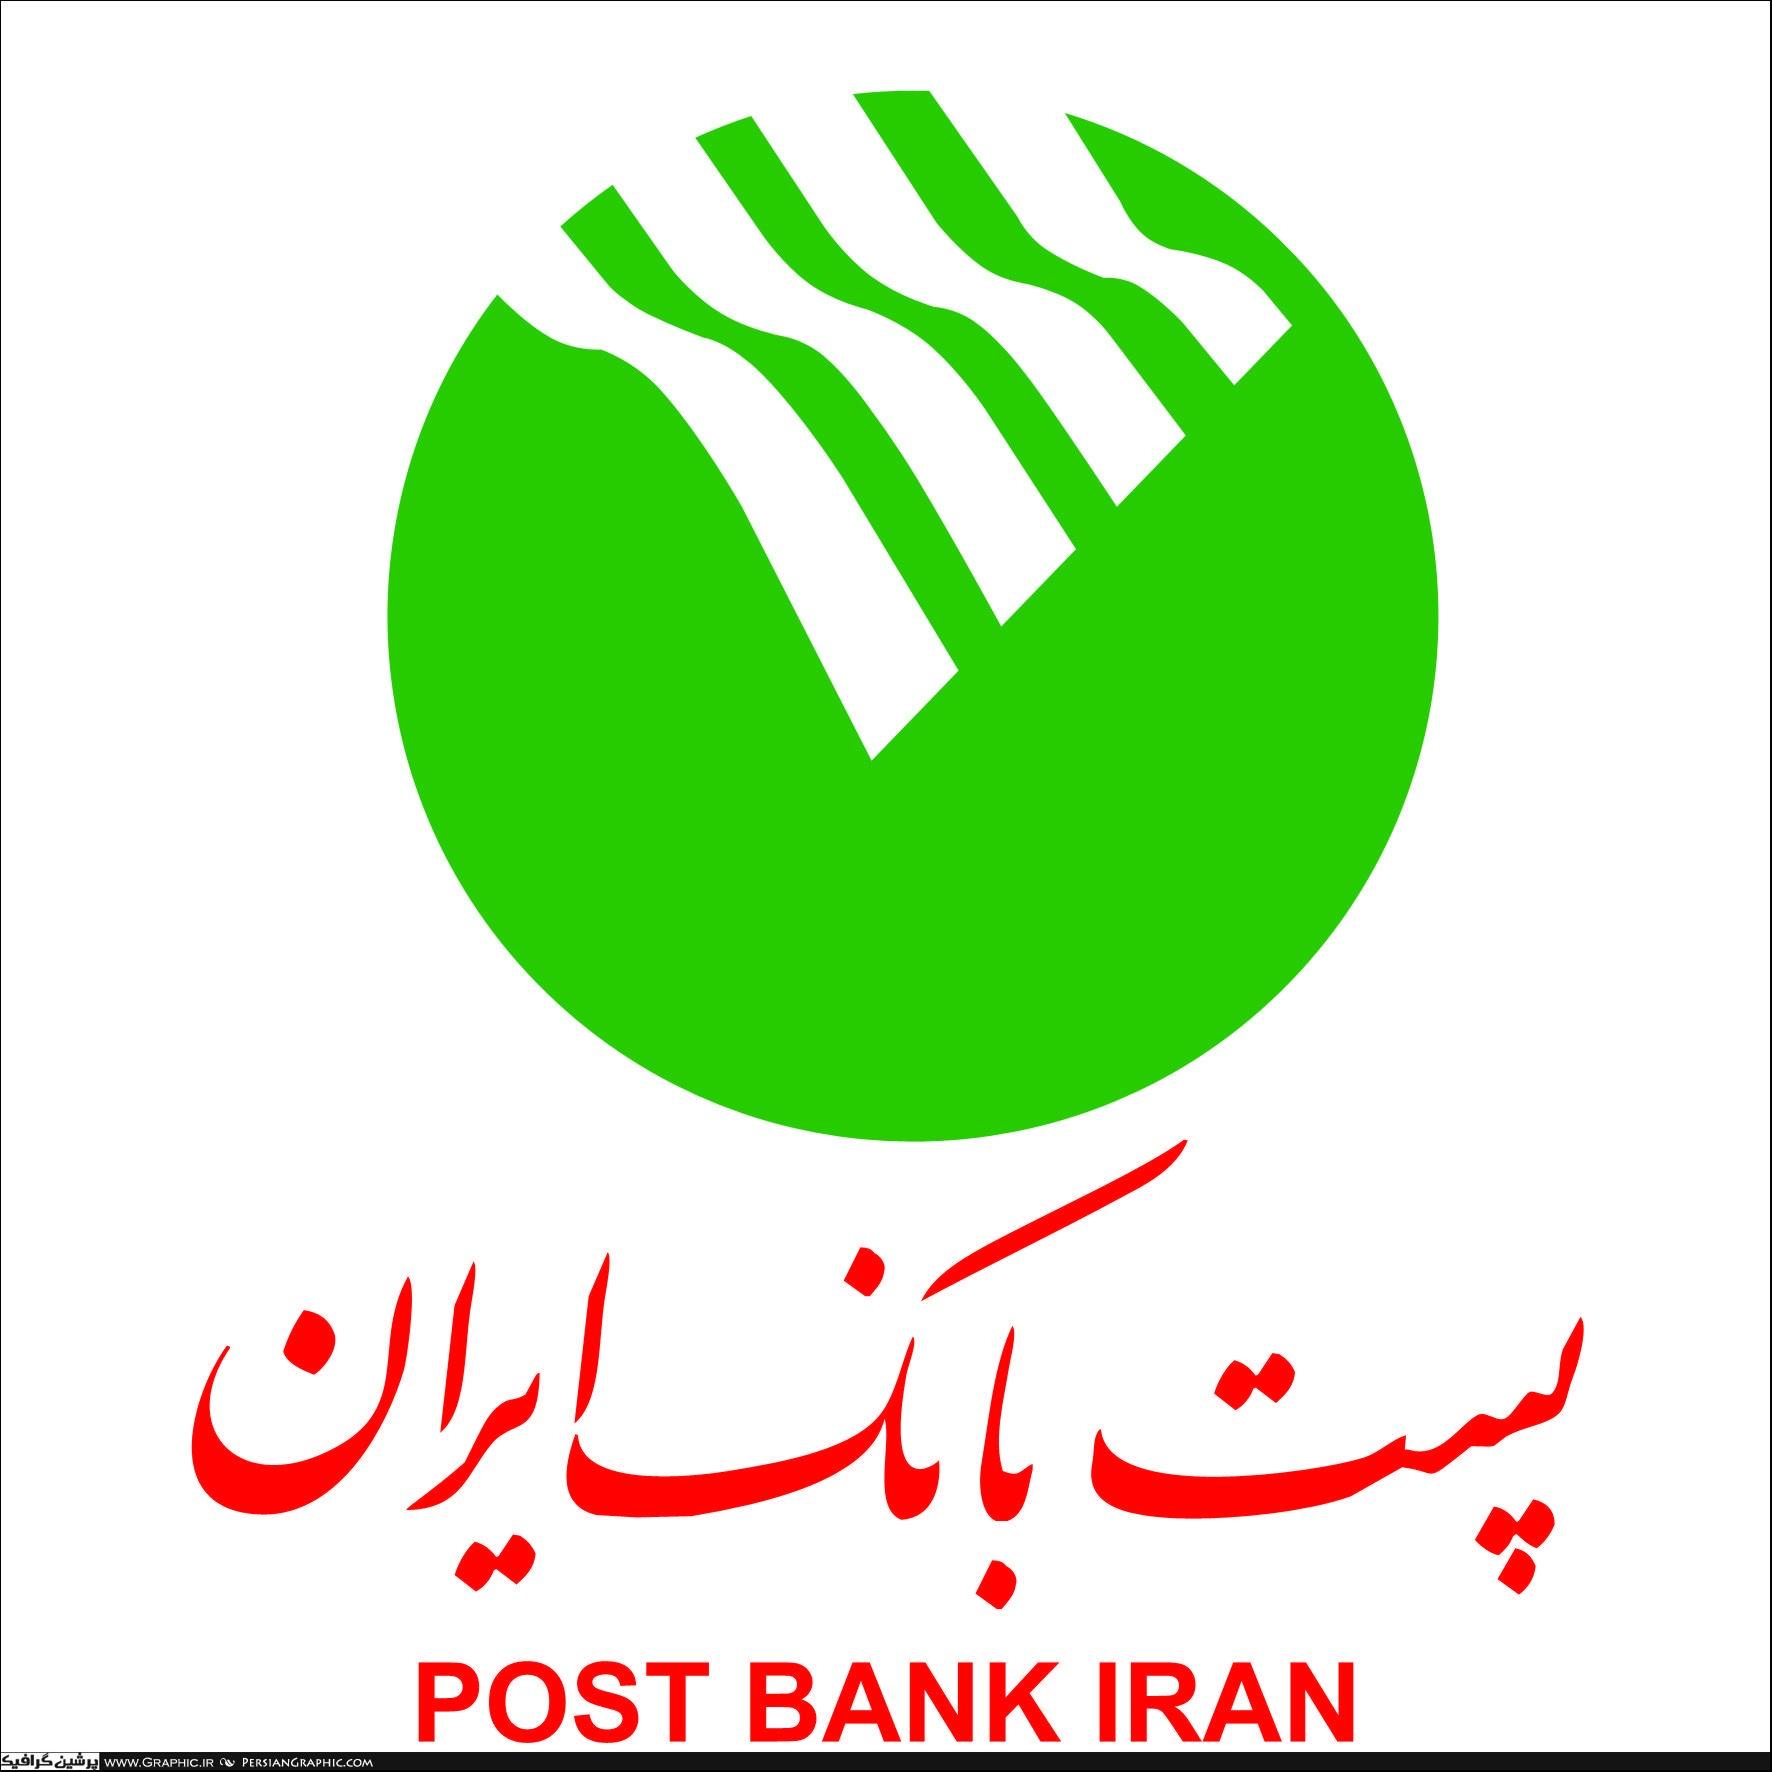 نقش پست بانک در اشتغالزایی روستاها